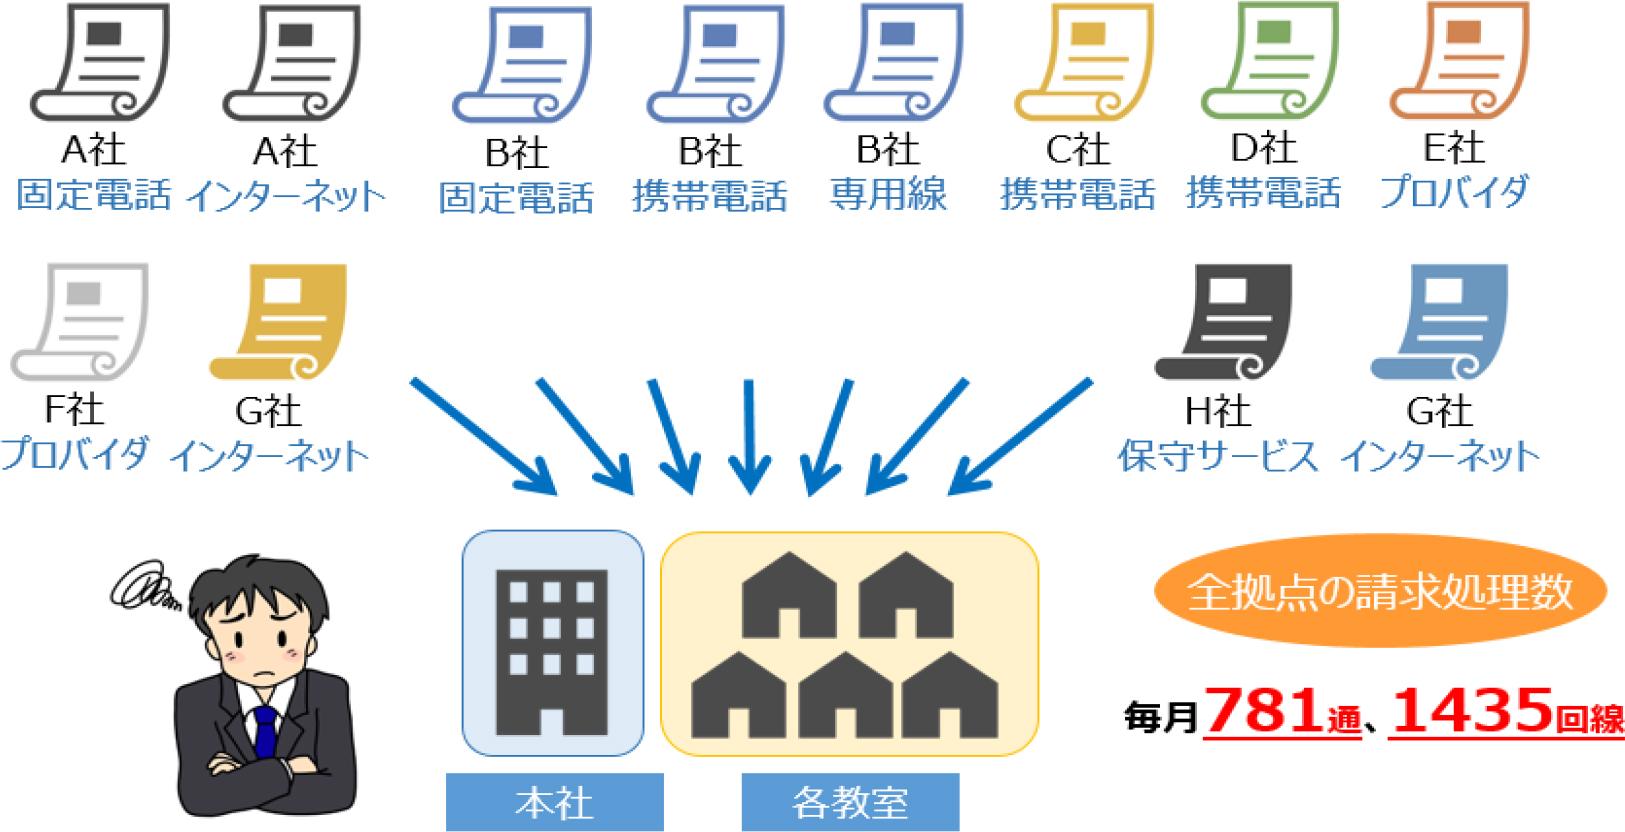 【導入事例】株式会社湘南ゼミナール1.jpg